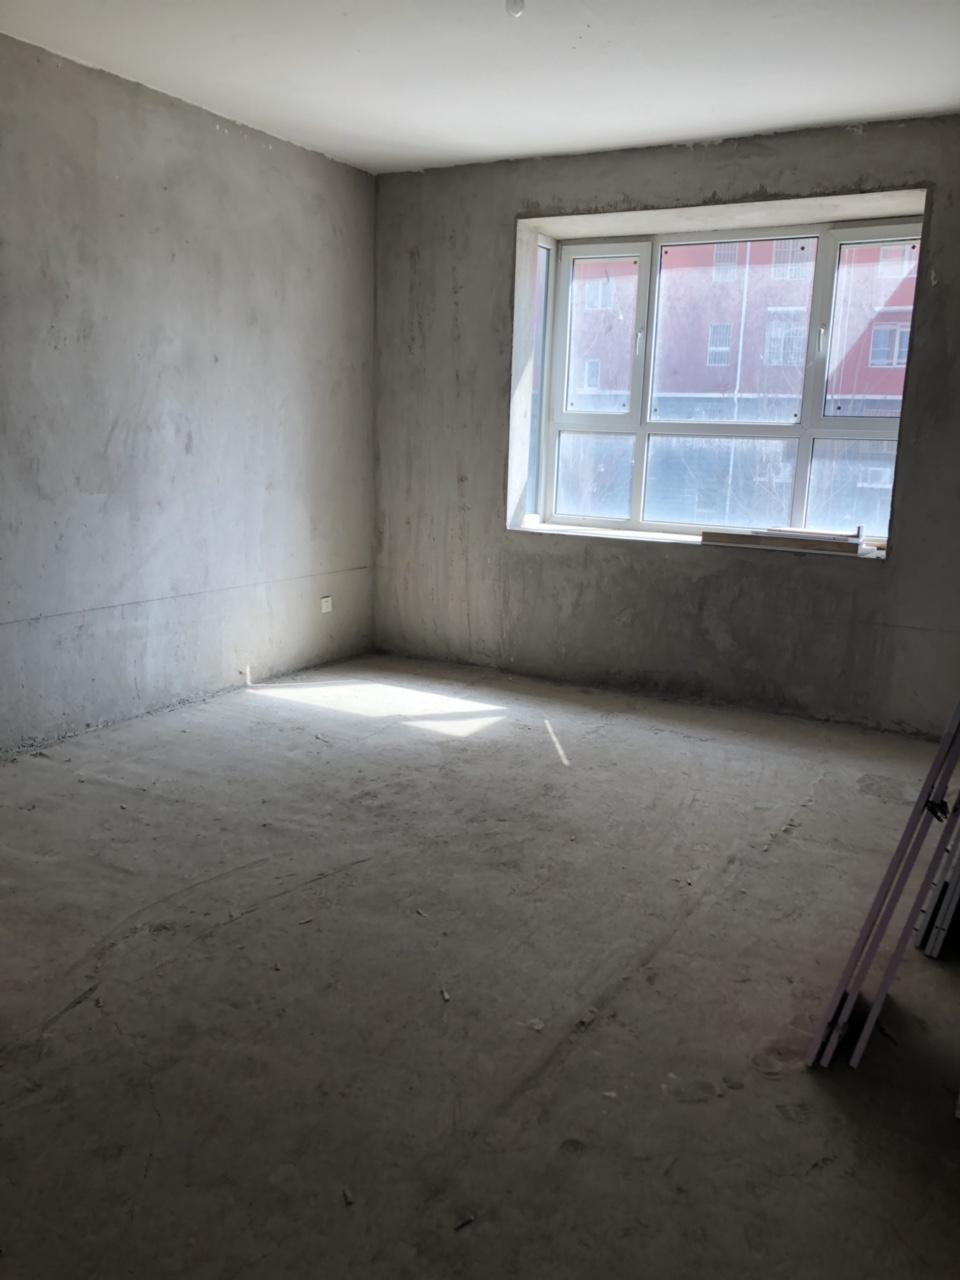 一小學區毛坯現房兩居,房本滿二,隨時過戶